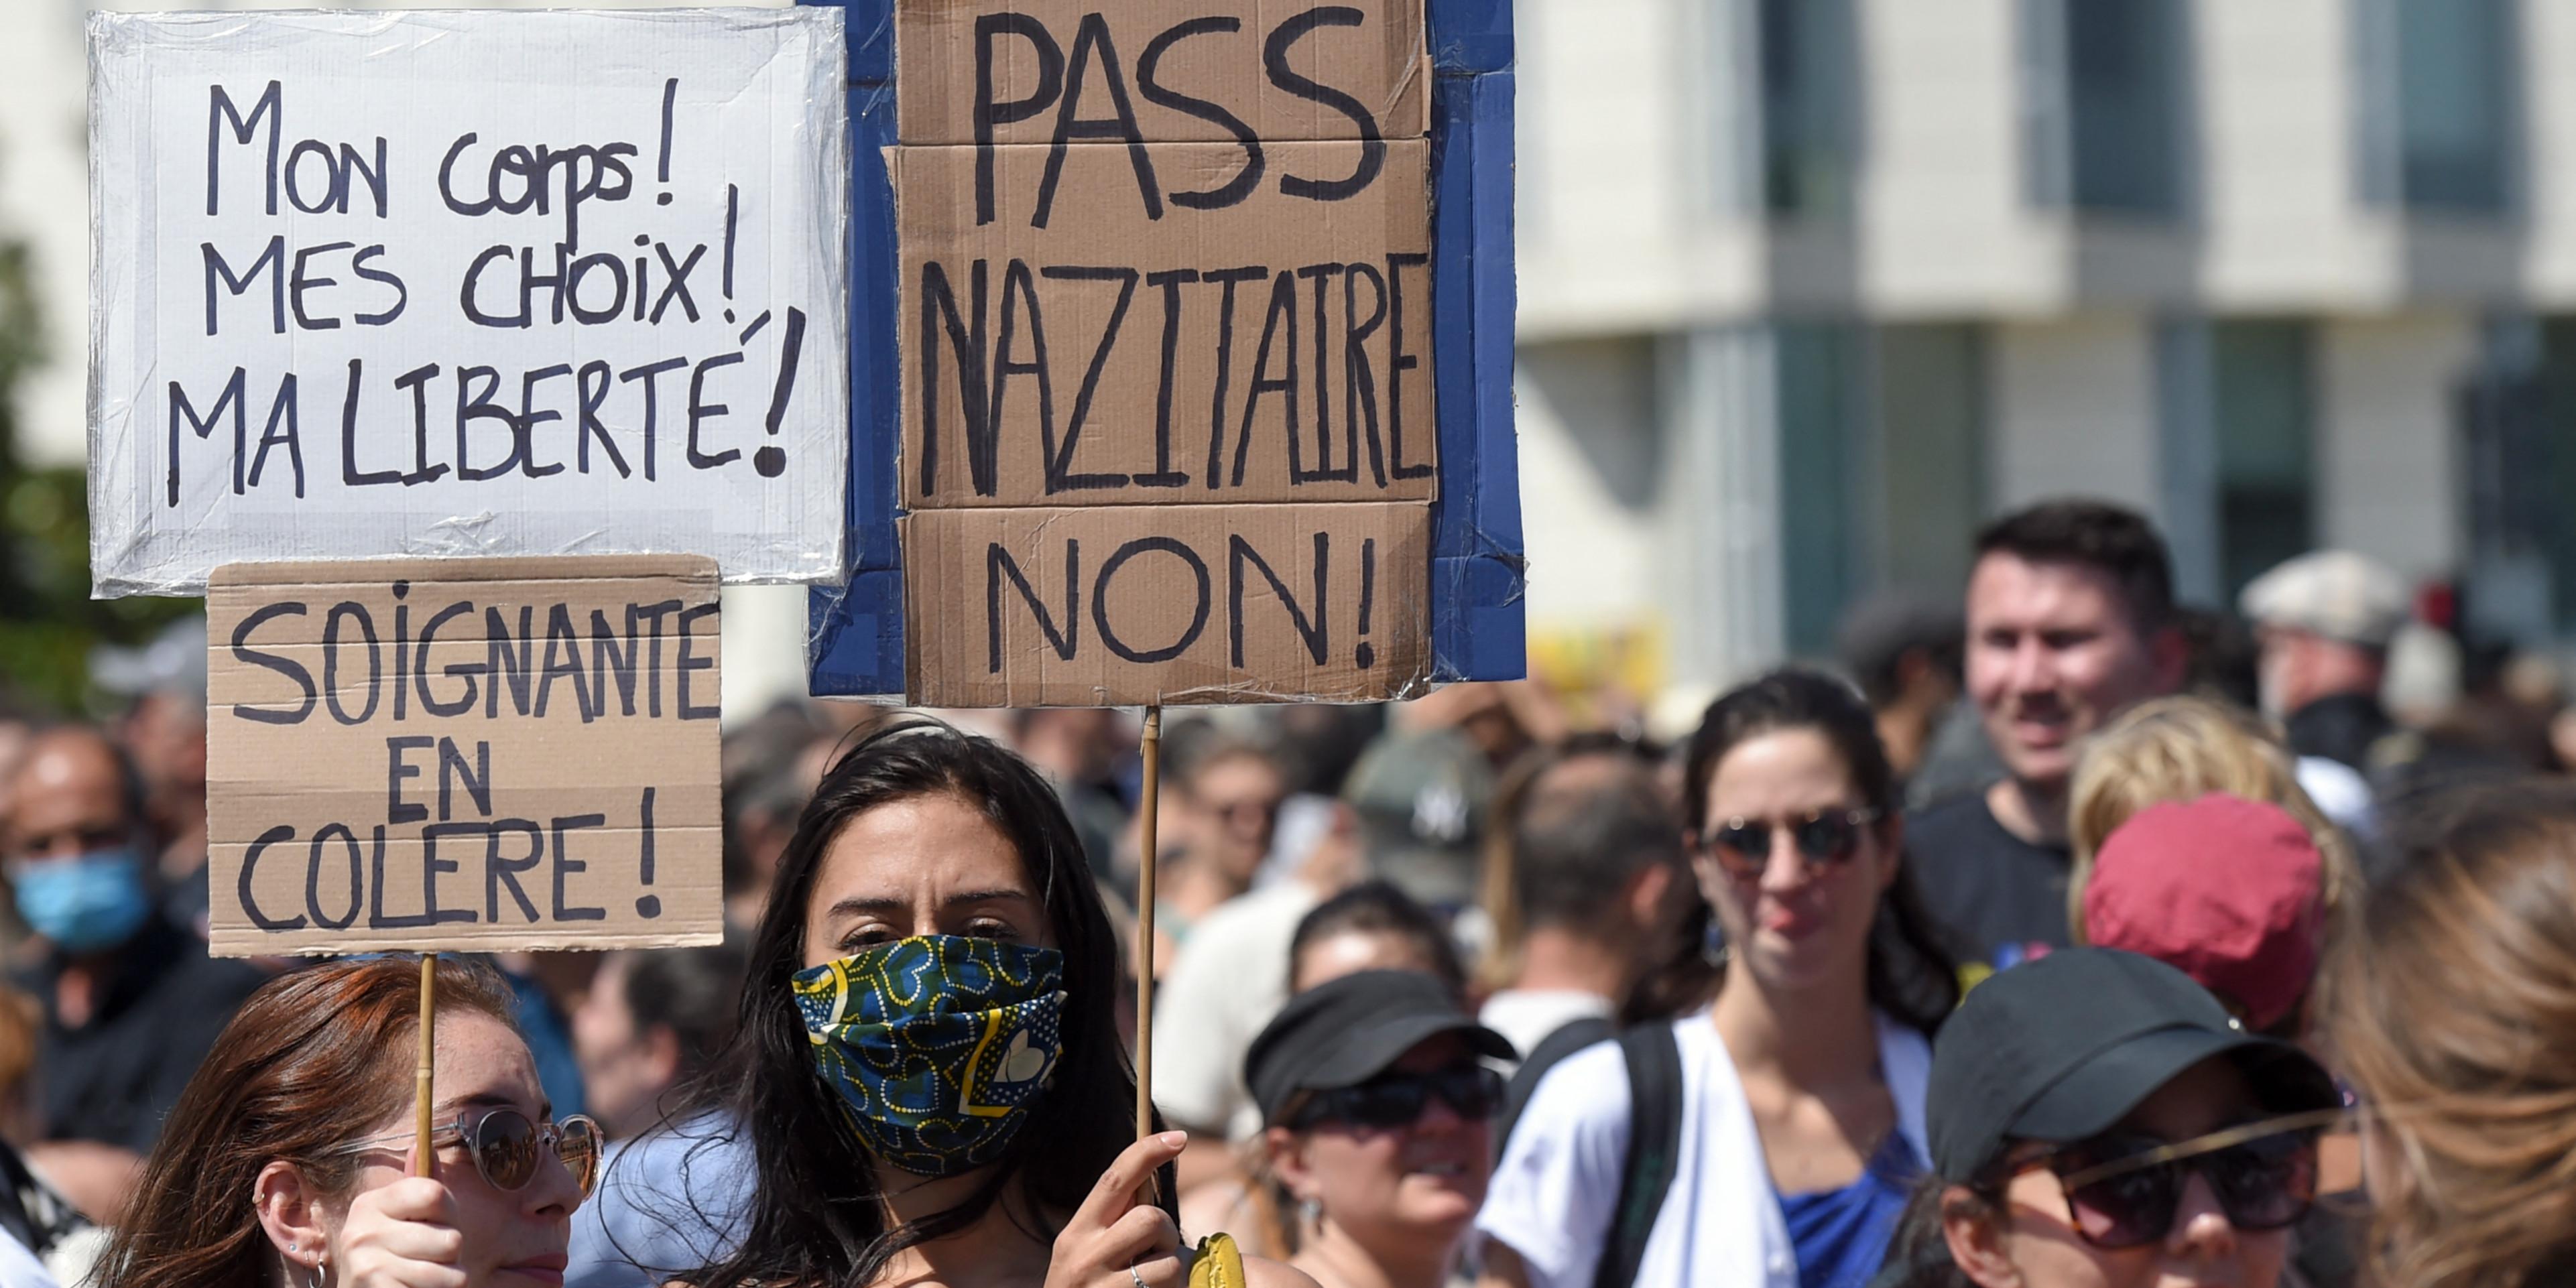 Rassemblements anti-mesures sanitaires: Près de 114 000 manifestants en France